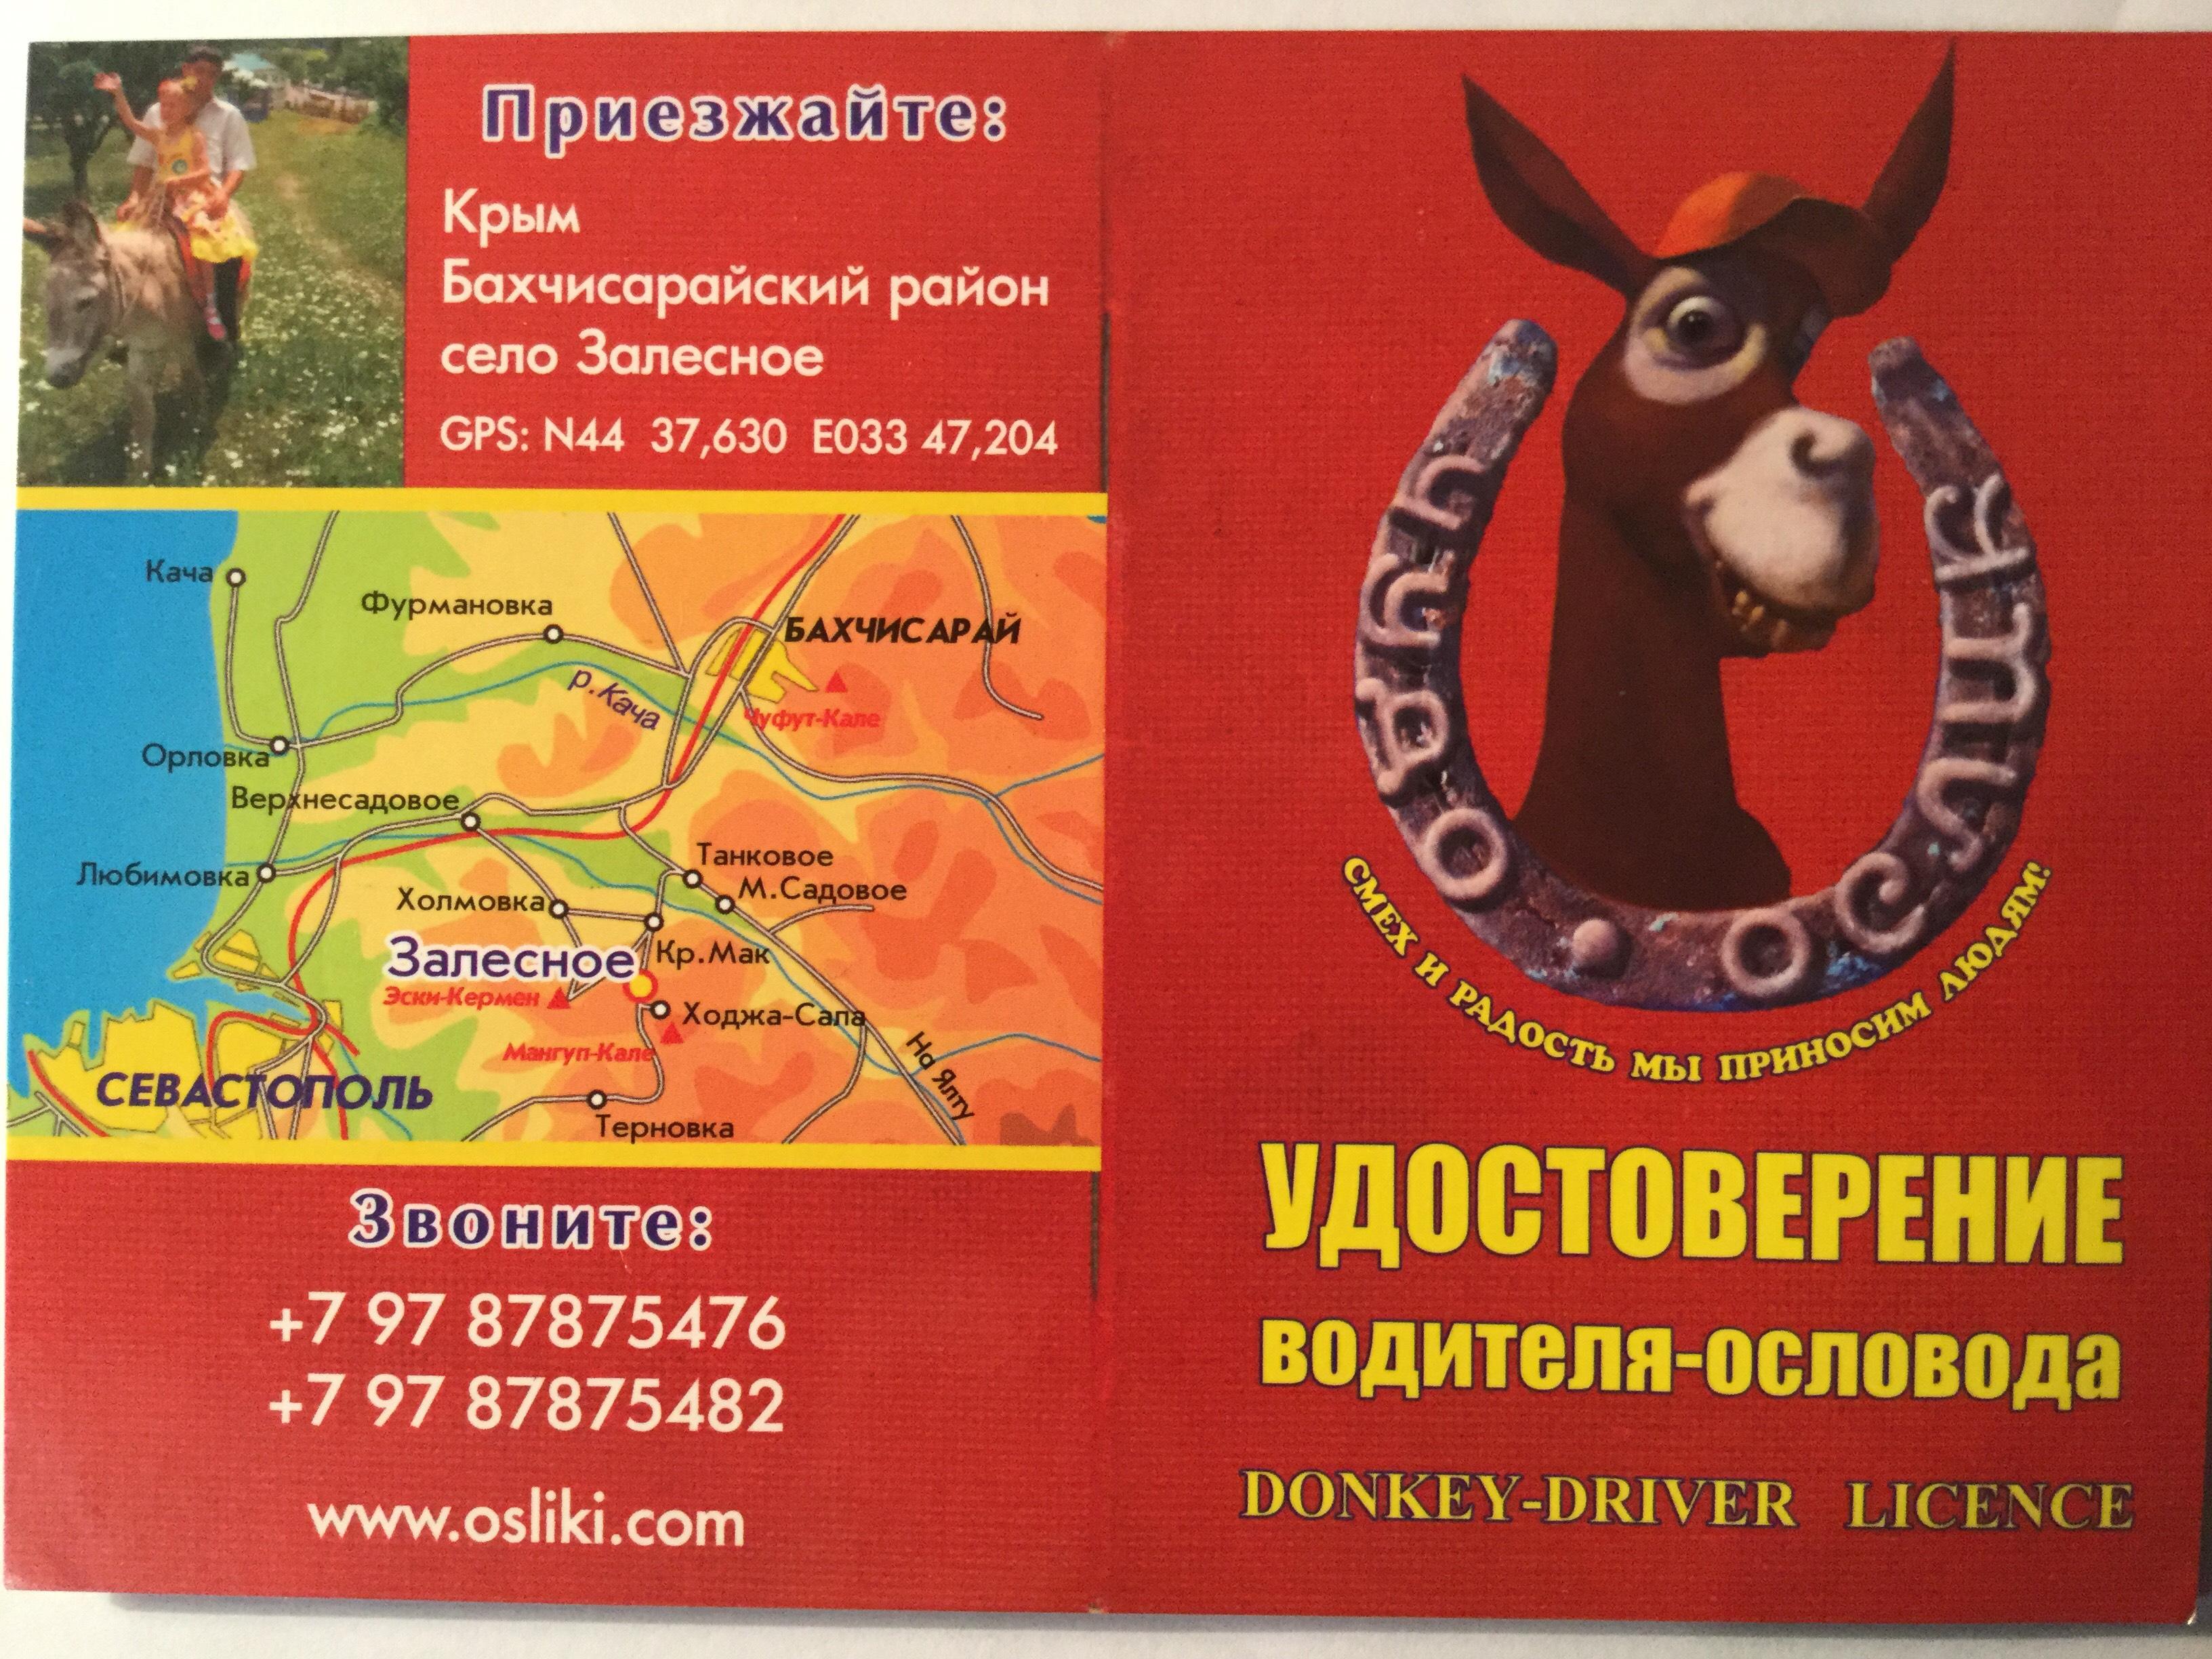 Удостоверение водителя-ословода